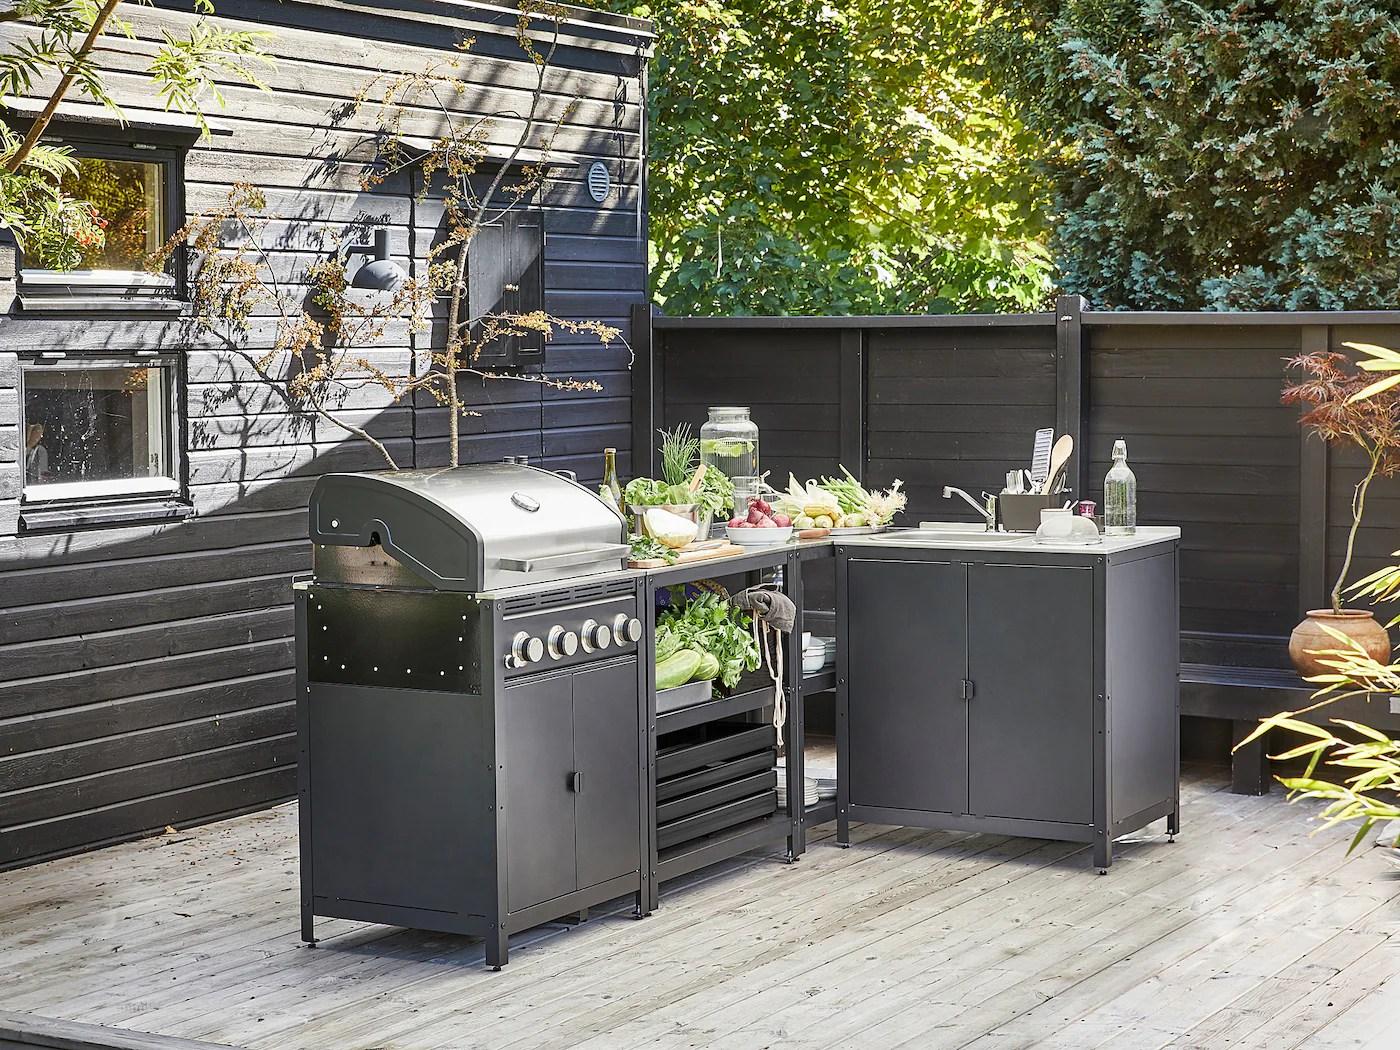 Trova tantissime idee per cucine da esterno ikea. Grillskar Cucina Da Esterno Inox Ikea Svizzera